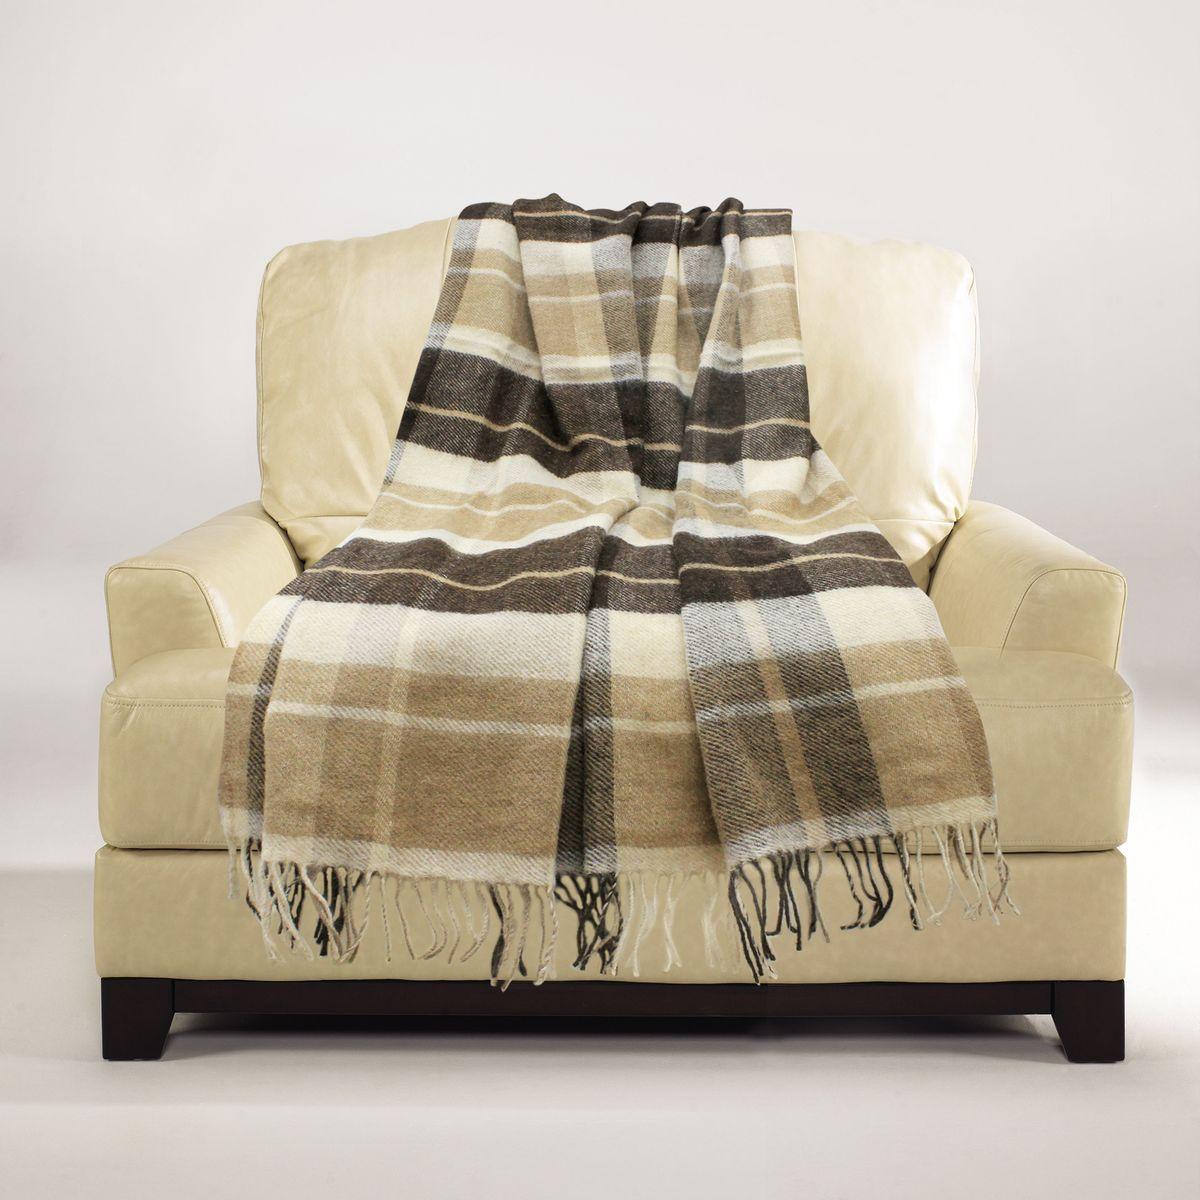 Плед Amore Mio Lux. York, 140 х 200 см83020Мягкий, теплый и уютный плед Amore Mio Lux. York изготовлен из шерсти. Ланолин - природный воск, содержащийся в шерсти новозеландской овцы, окутывает каждое волокно. Он защищает изделие от загрязнений, от домашних насекомых, предотвращает появление аллергических реакций. Натуральные волокна придают изделию красоту и блеск щелка, поверхность пледа мягка и невероятно приятна для кожи. Натуральная шерсть новозеландской овцы обладает прекрасными лечебными свойствами. Она помогает при в спине и суставах, улучшает кровообращение. Эксклюзивные дизайны, разработанные с учетом тенденций рынка и запросов покупателей, дарят коллекции дополнительную привлекательность.